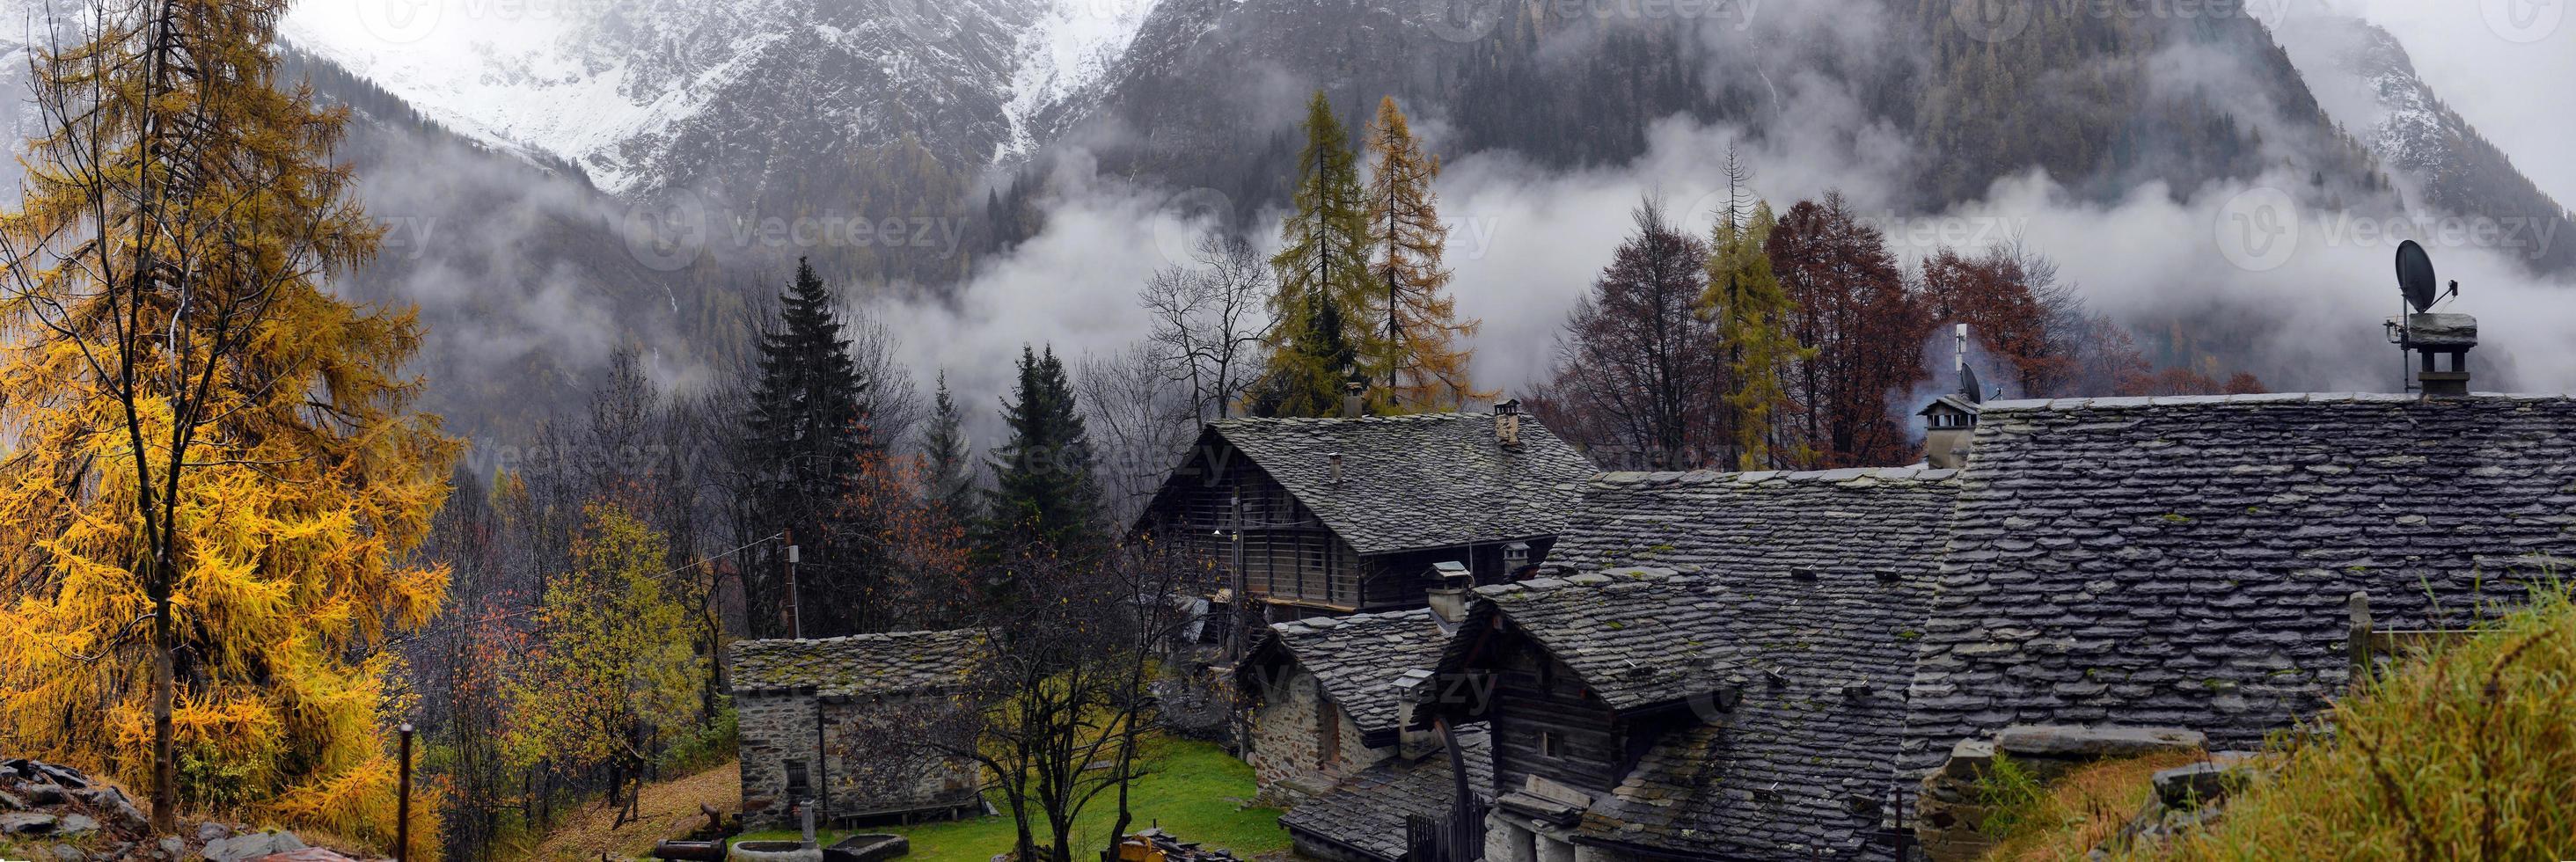 Alpenpanorama aus dem kleinen Dorf foto